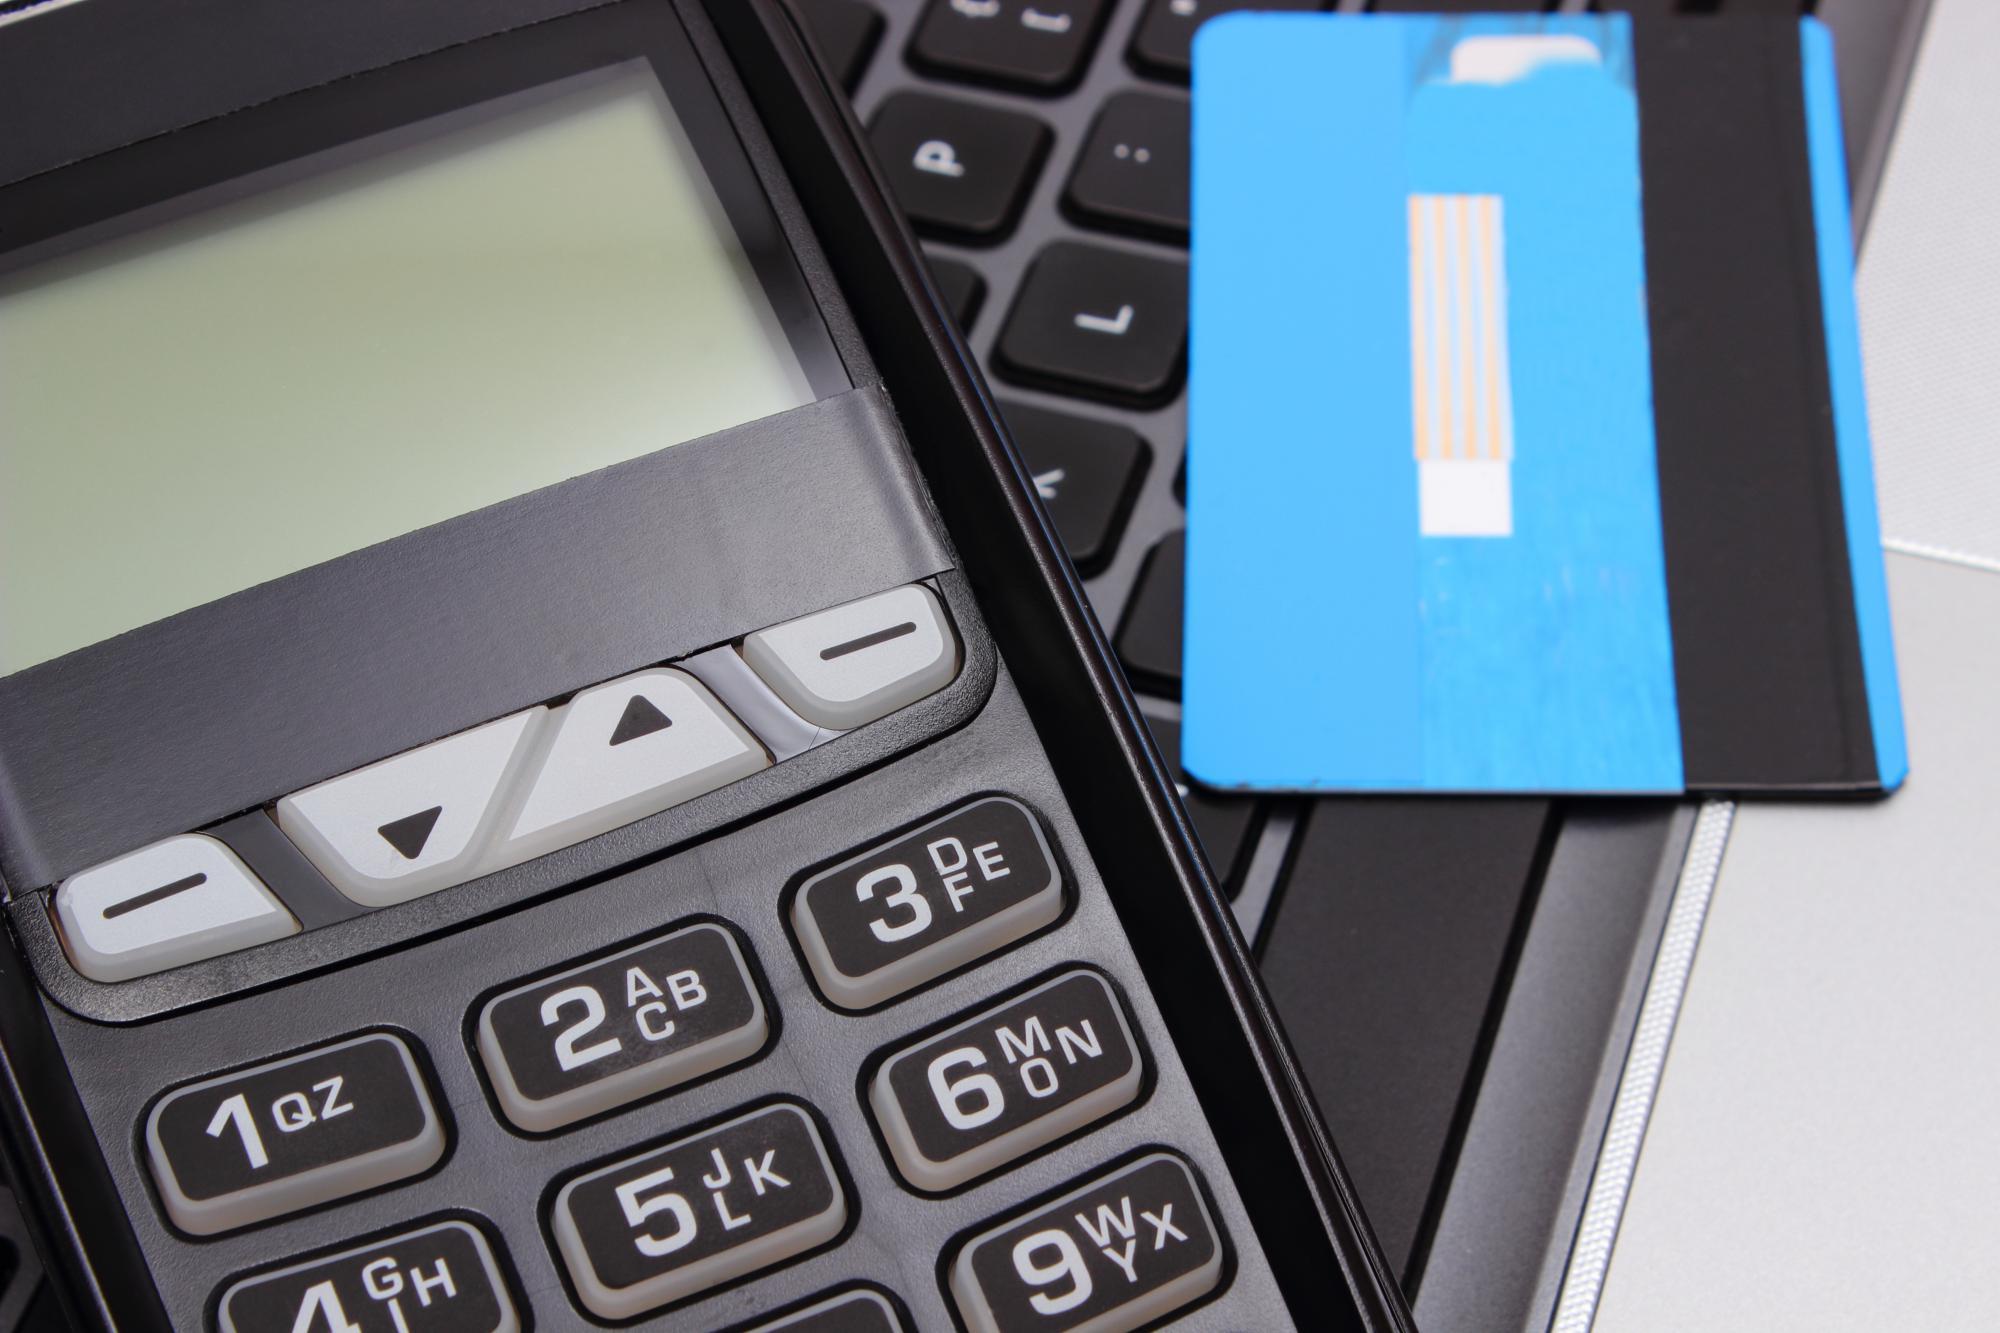 ФНС разъяснила вопросы, касающиеся порядка заполнения формы заявления о регистрации, перерегистрации и снятия с регистрации контрольно-кассовой техники